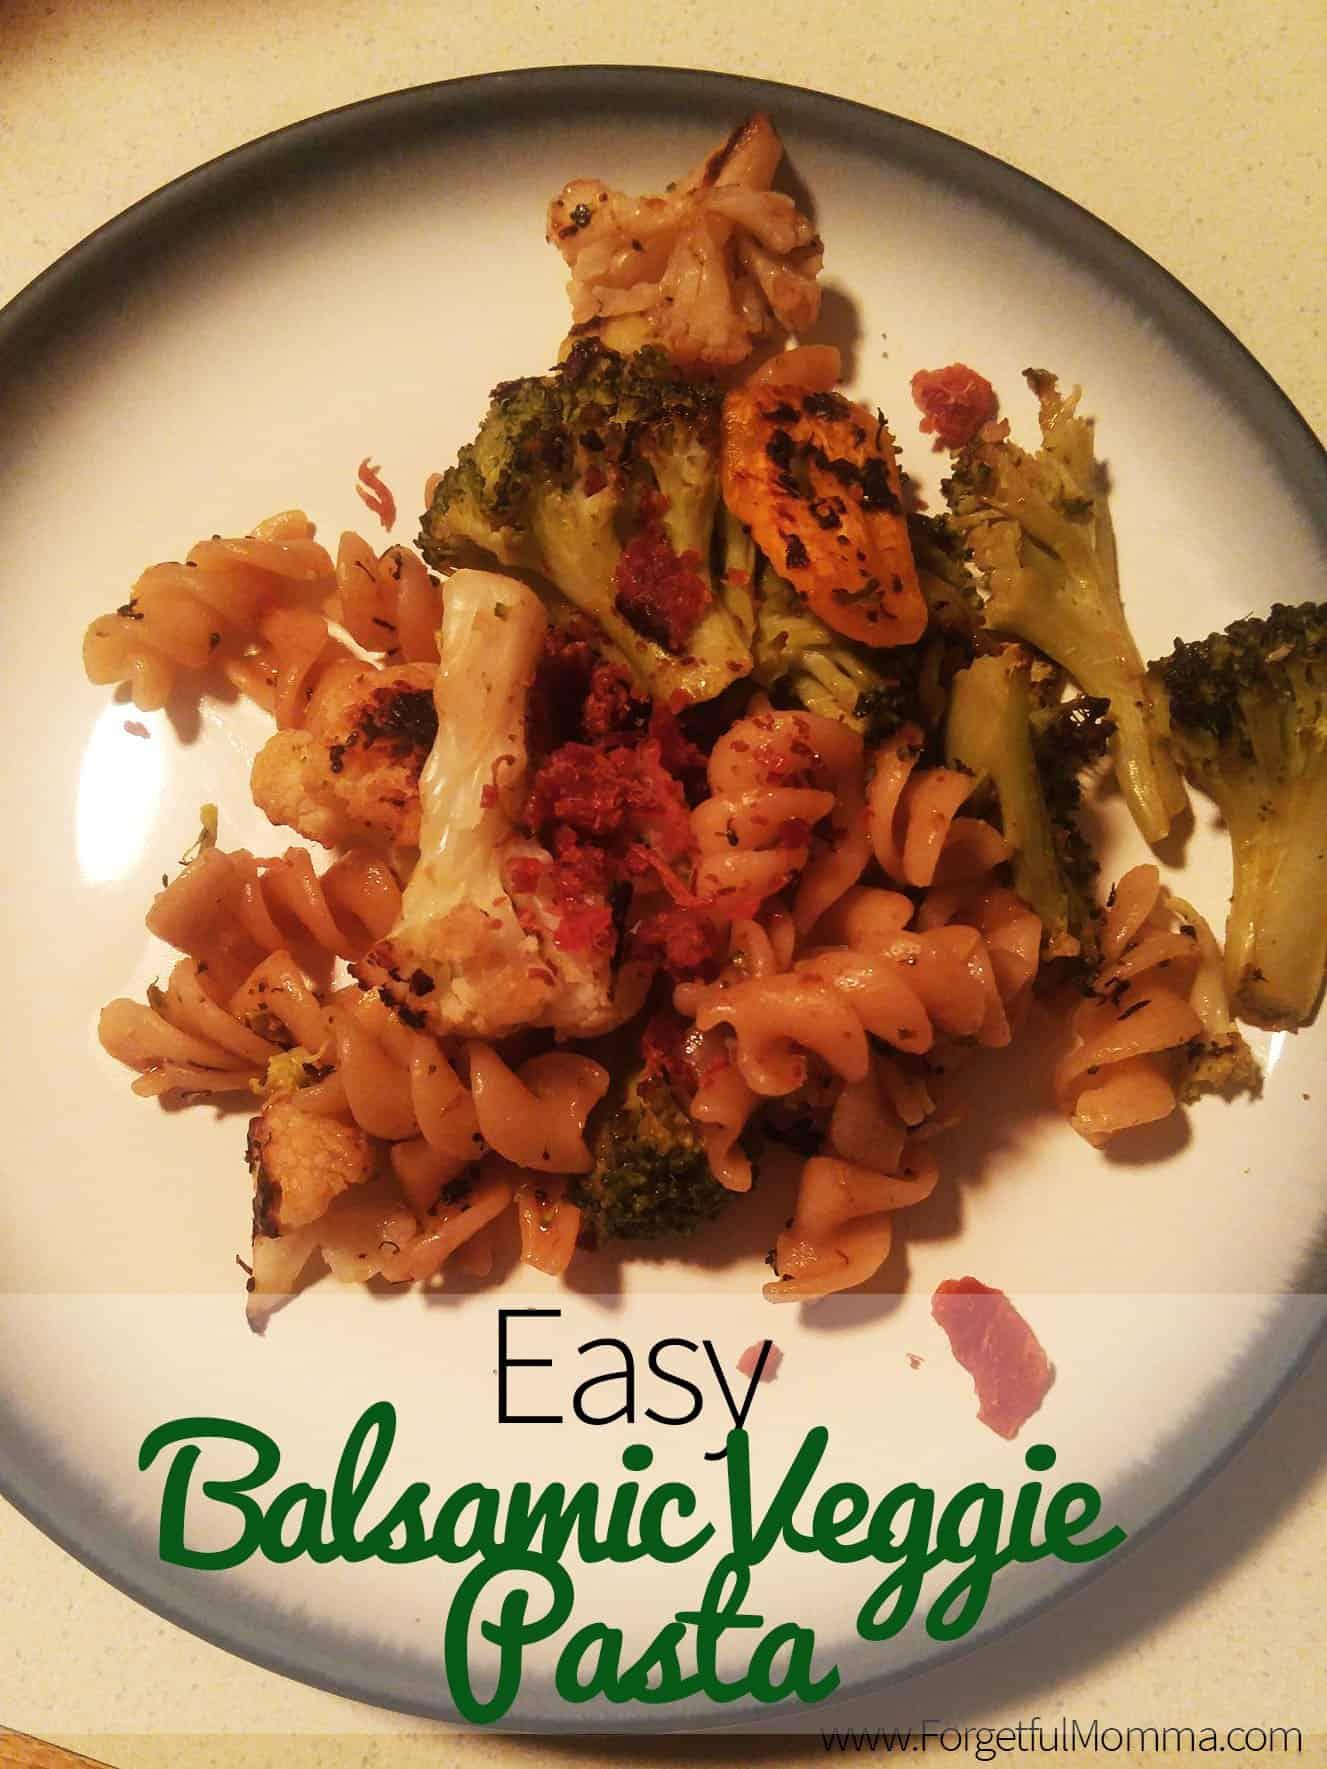 Easy Balsamic Veggie Pasta